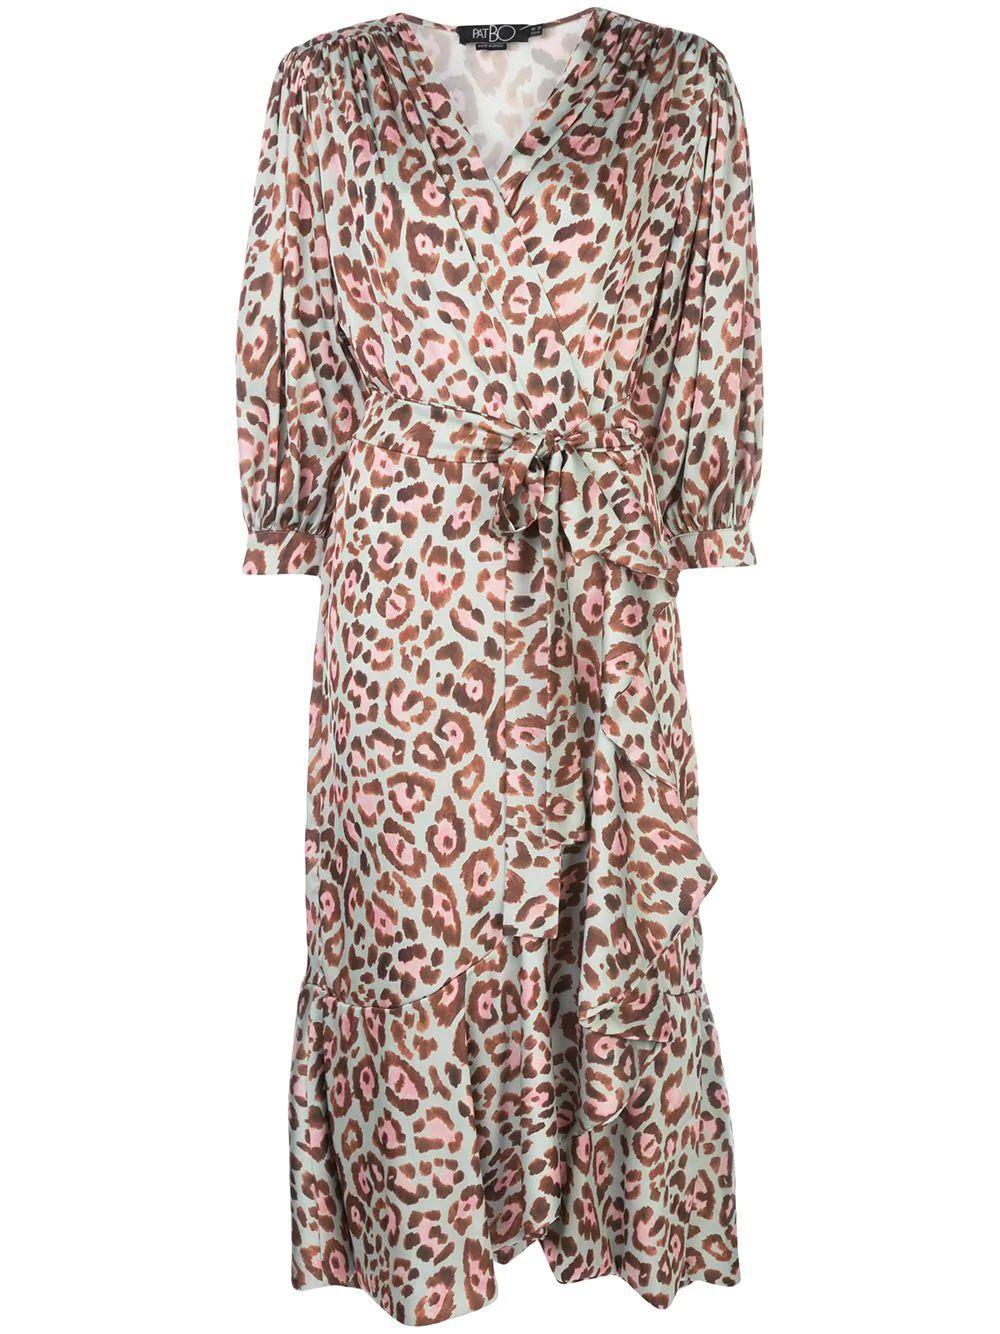 Leopard Print Midi Wrap Dress Item # VES2489US